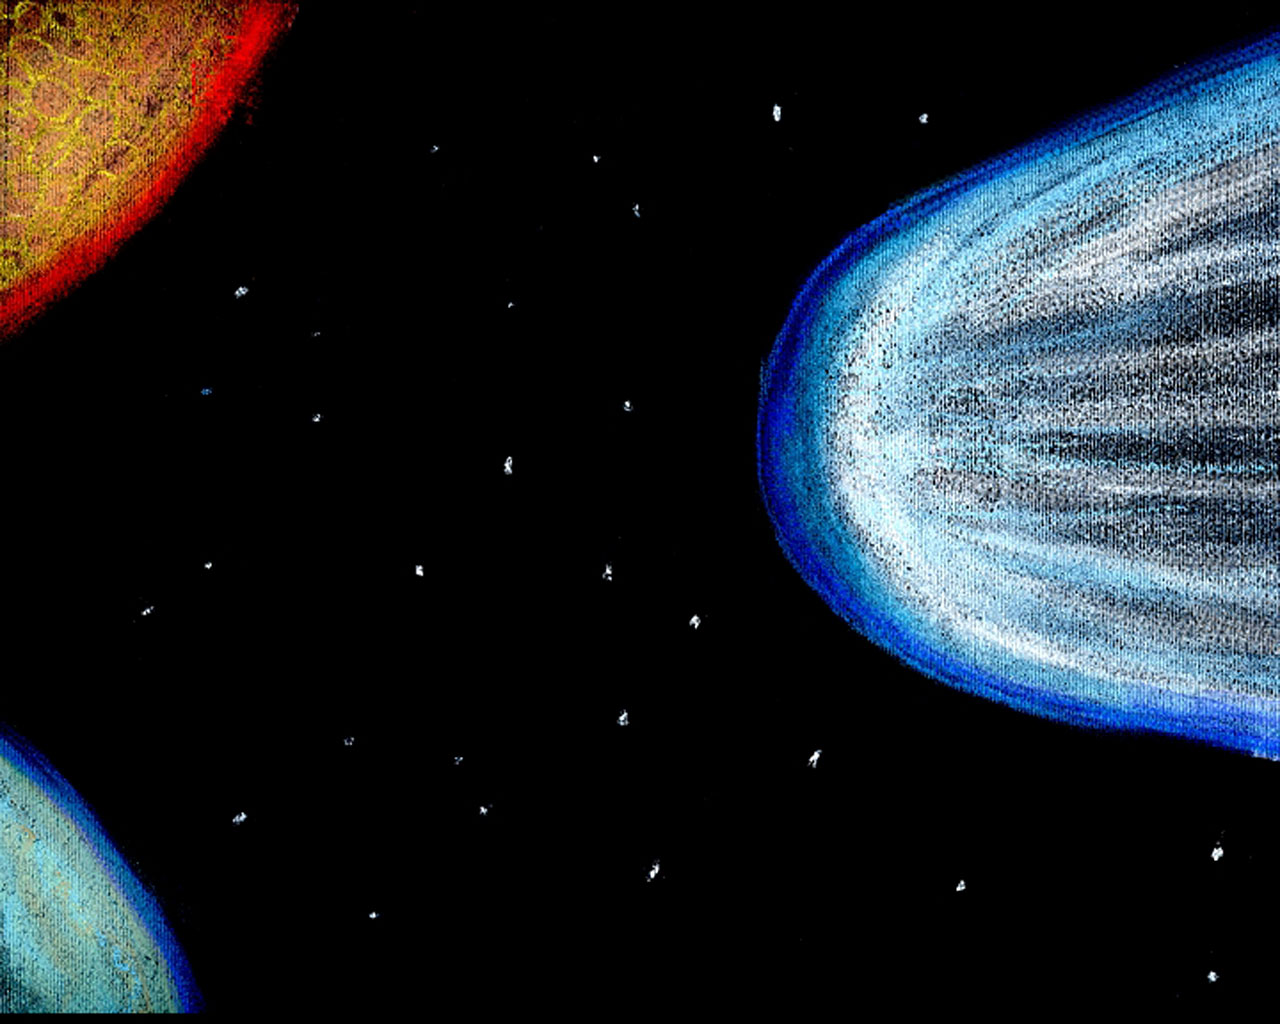 Comet Esa Hubble